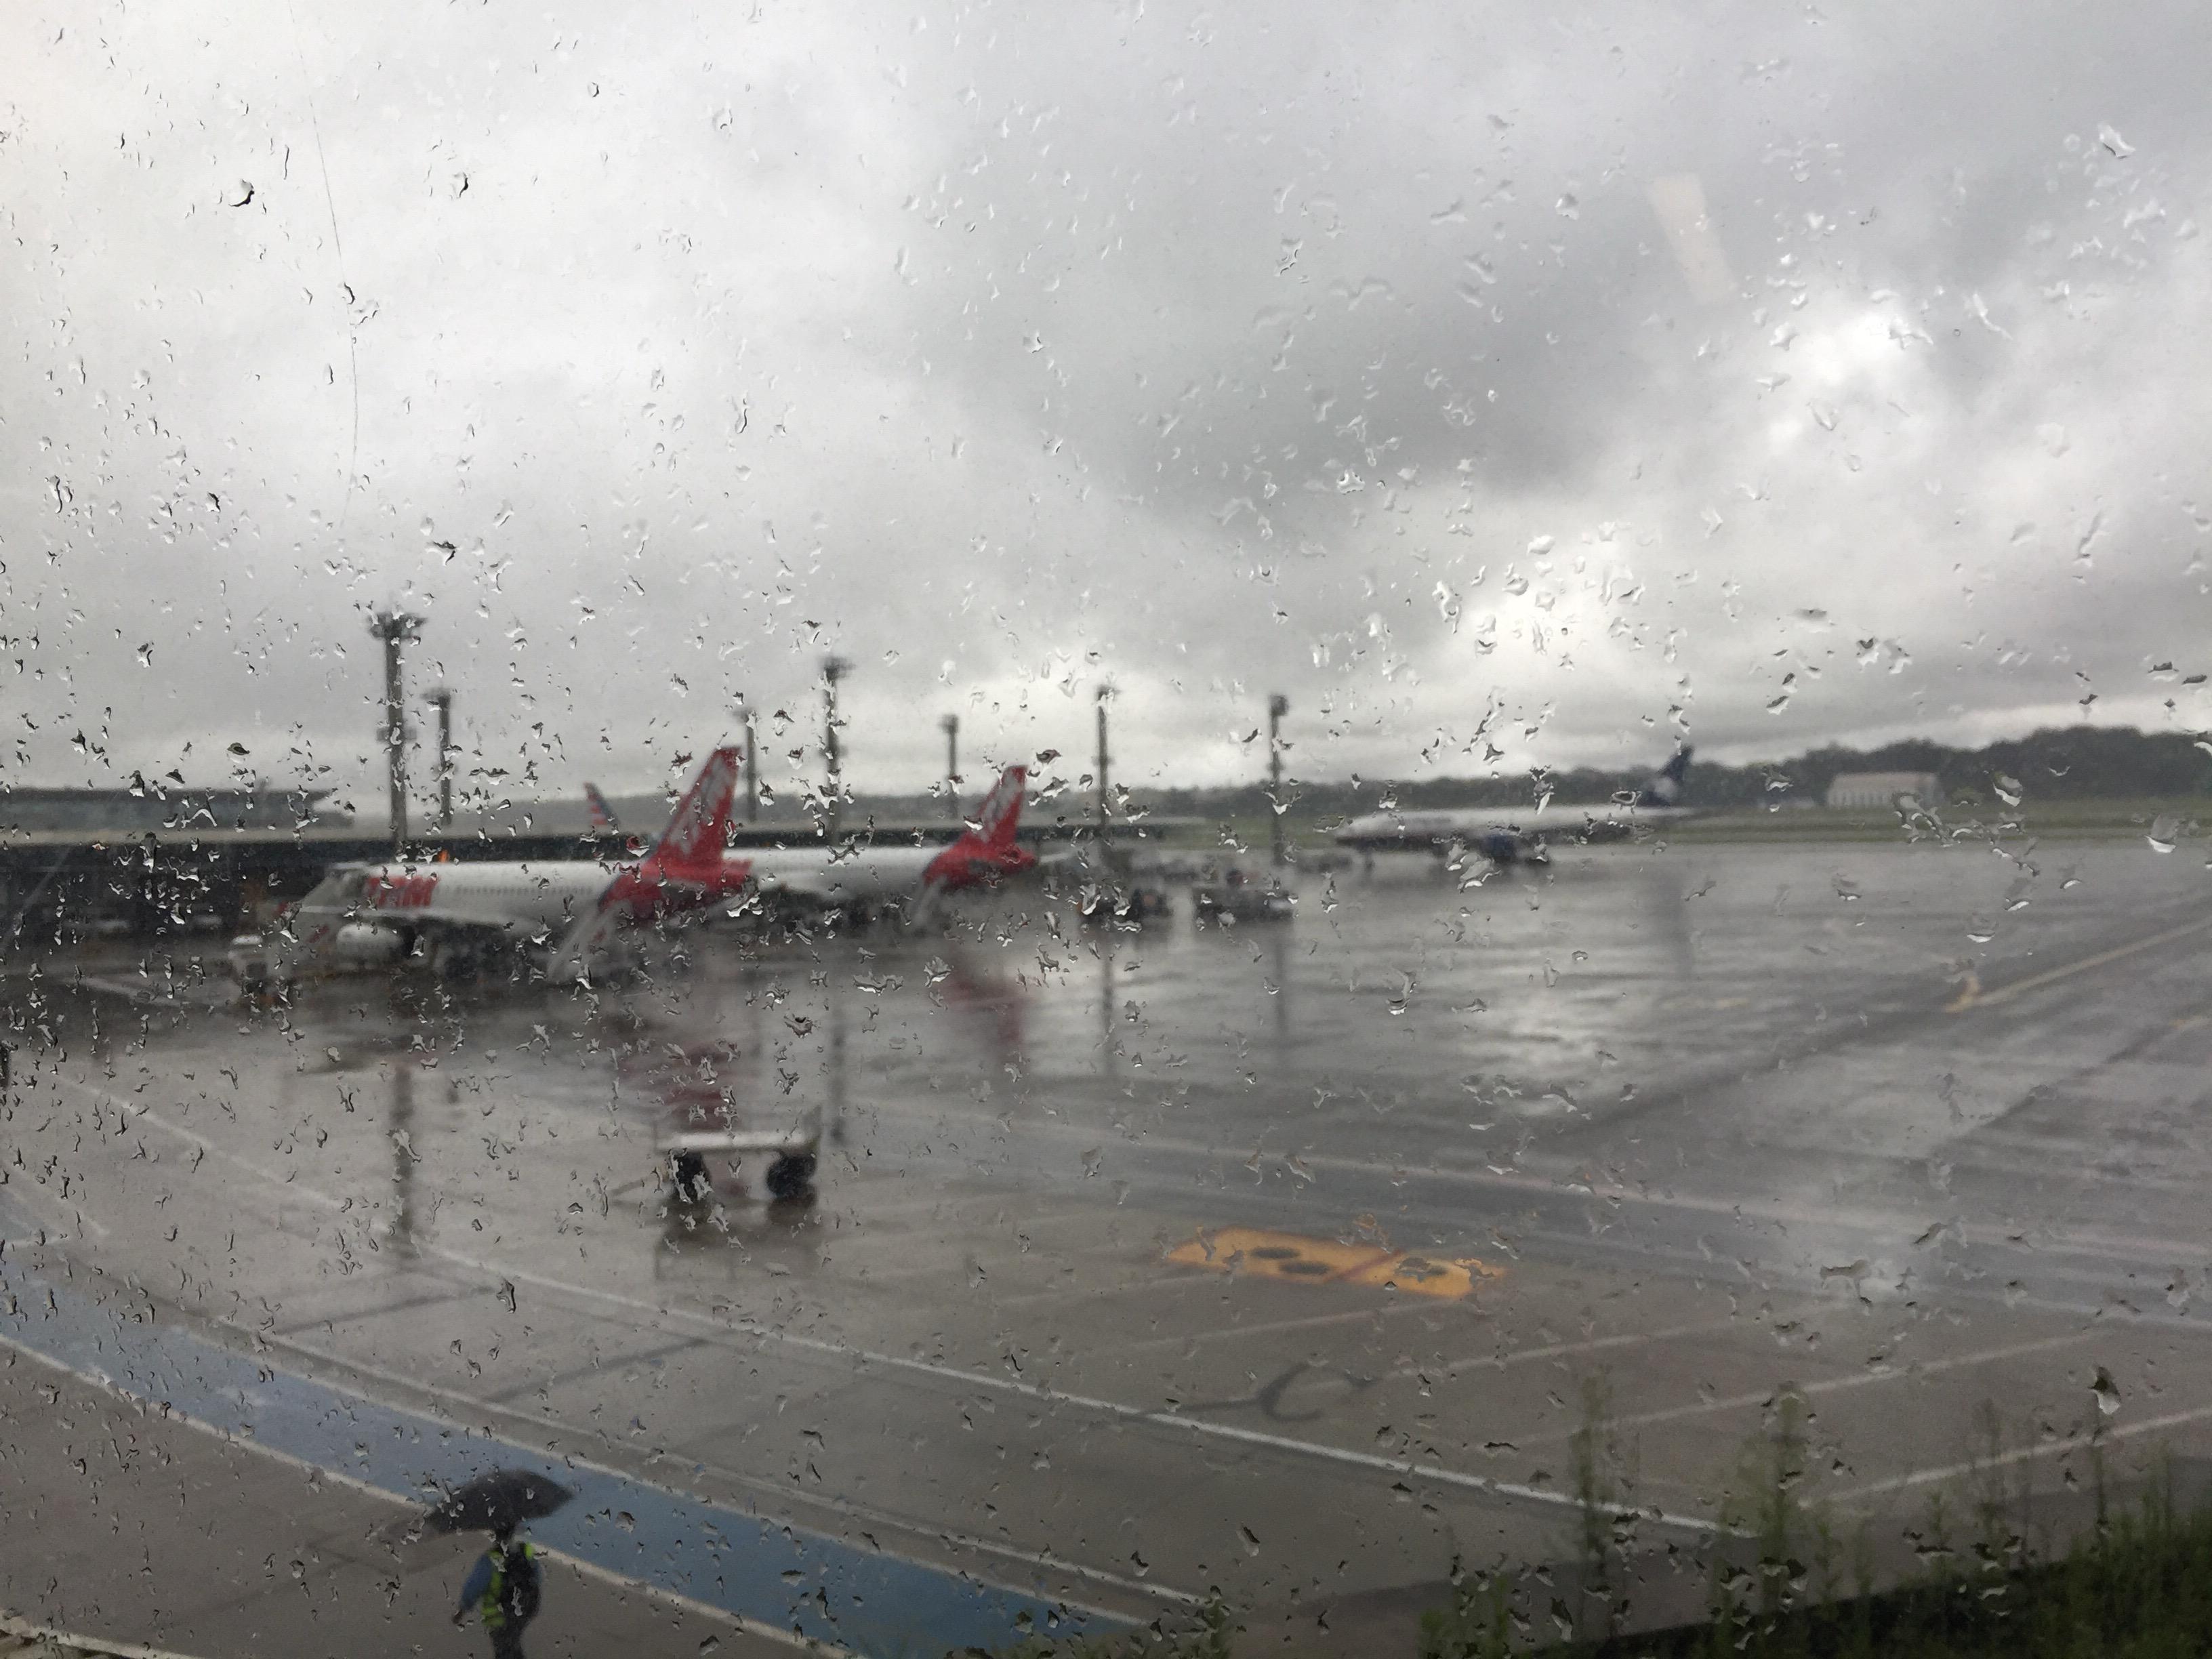 img 9602 - Cambio de Terminales en Guarulhos (San Pablo) para los vuelos regionales y sus caóticas consecuencias